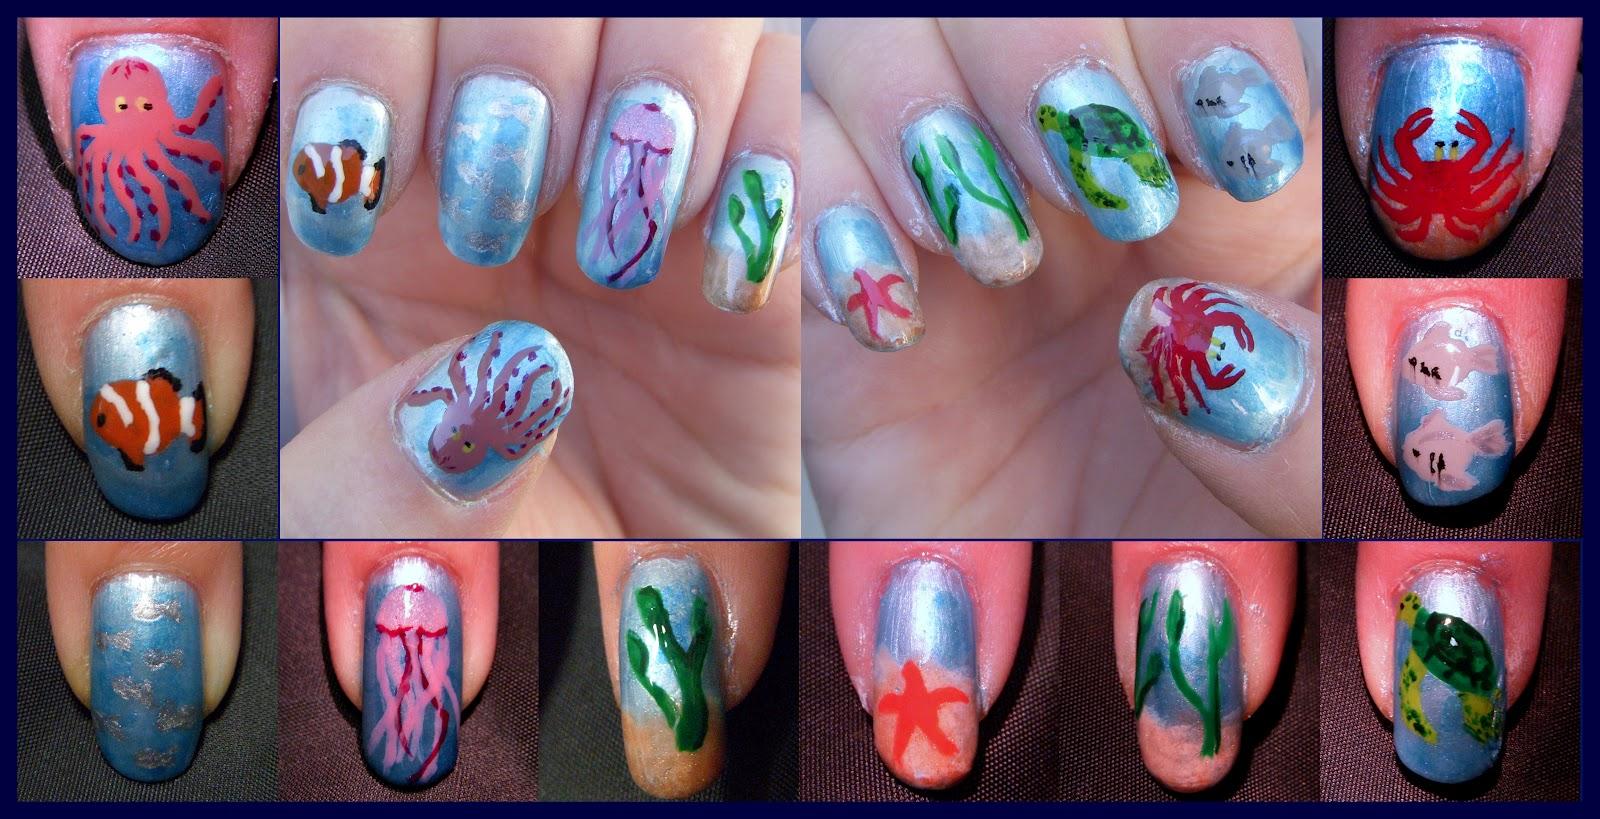 quixiis nails 071412 sea life nails